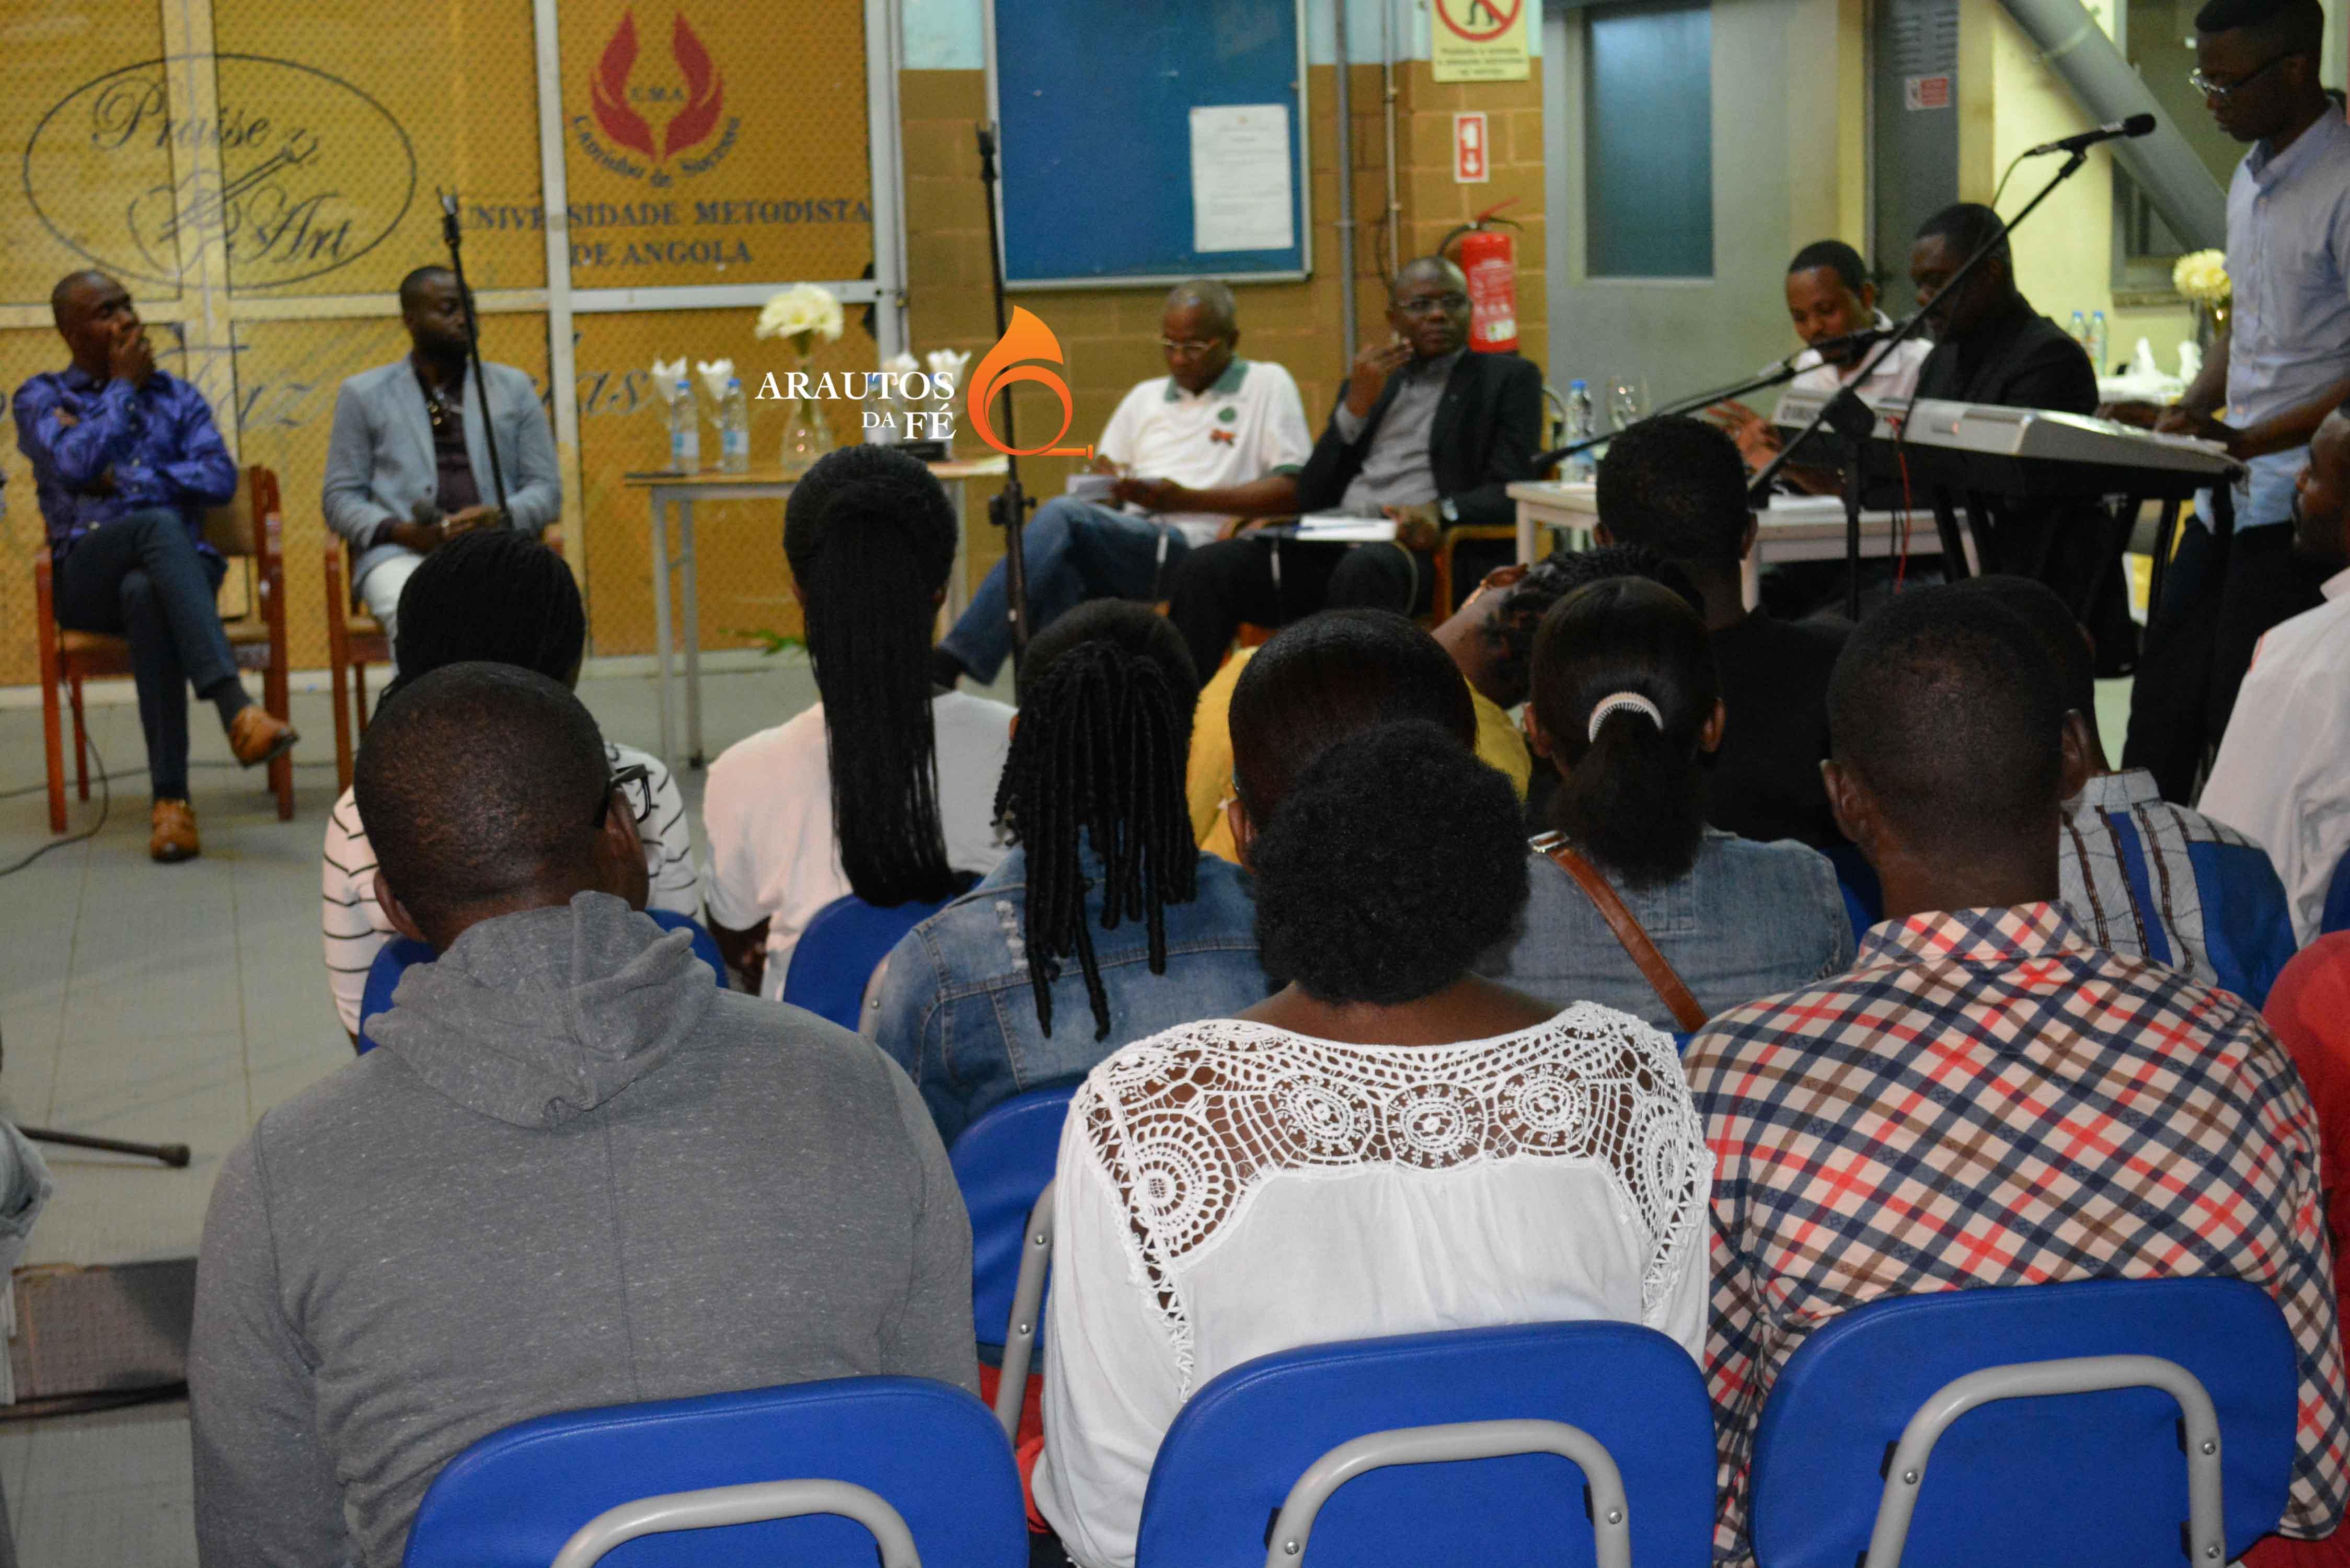 Série de debates sobre o estado da música cristã acontece até 6 de outubro no pátio da Universidade Metodista de Angola.